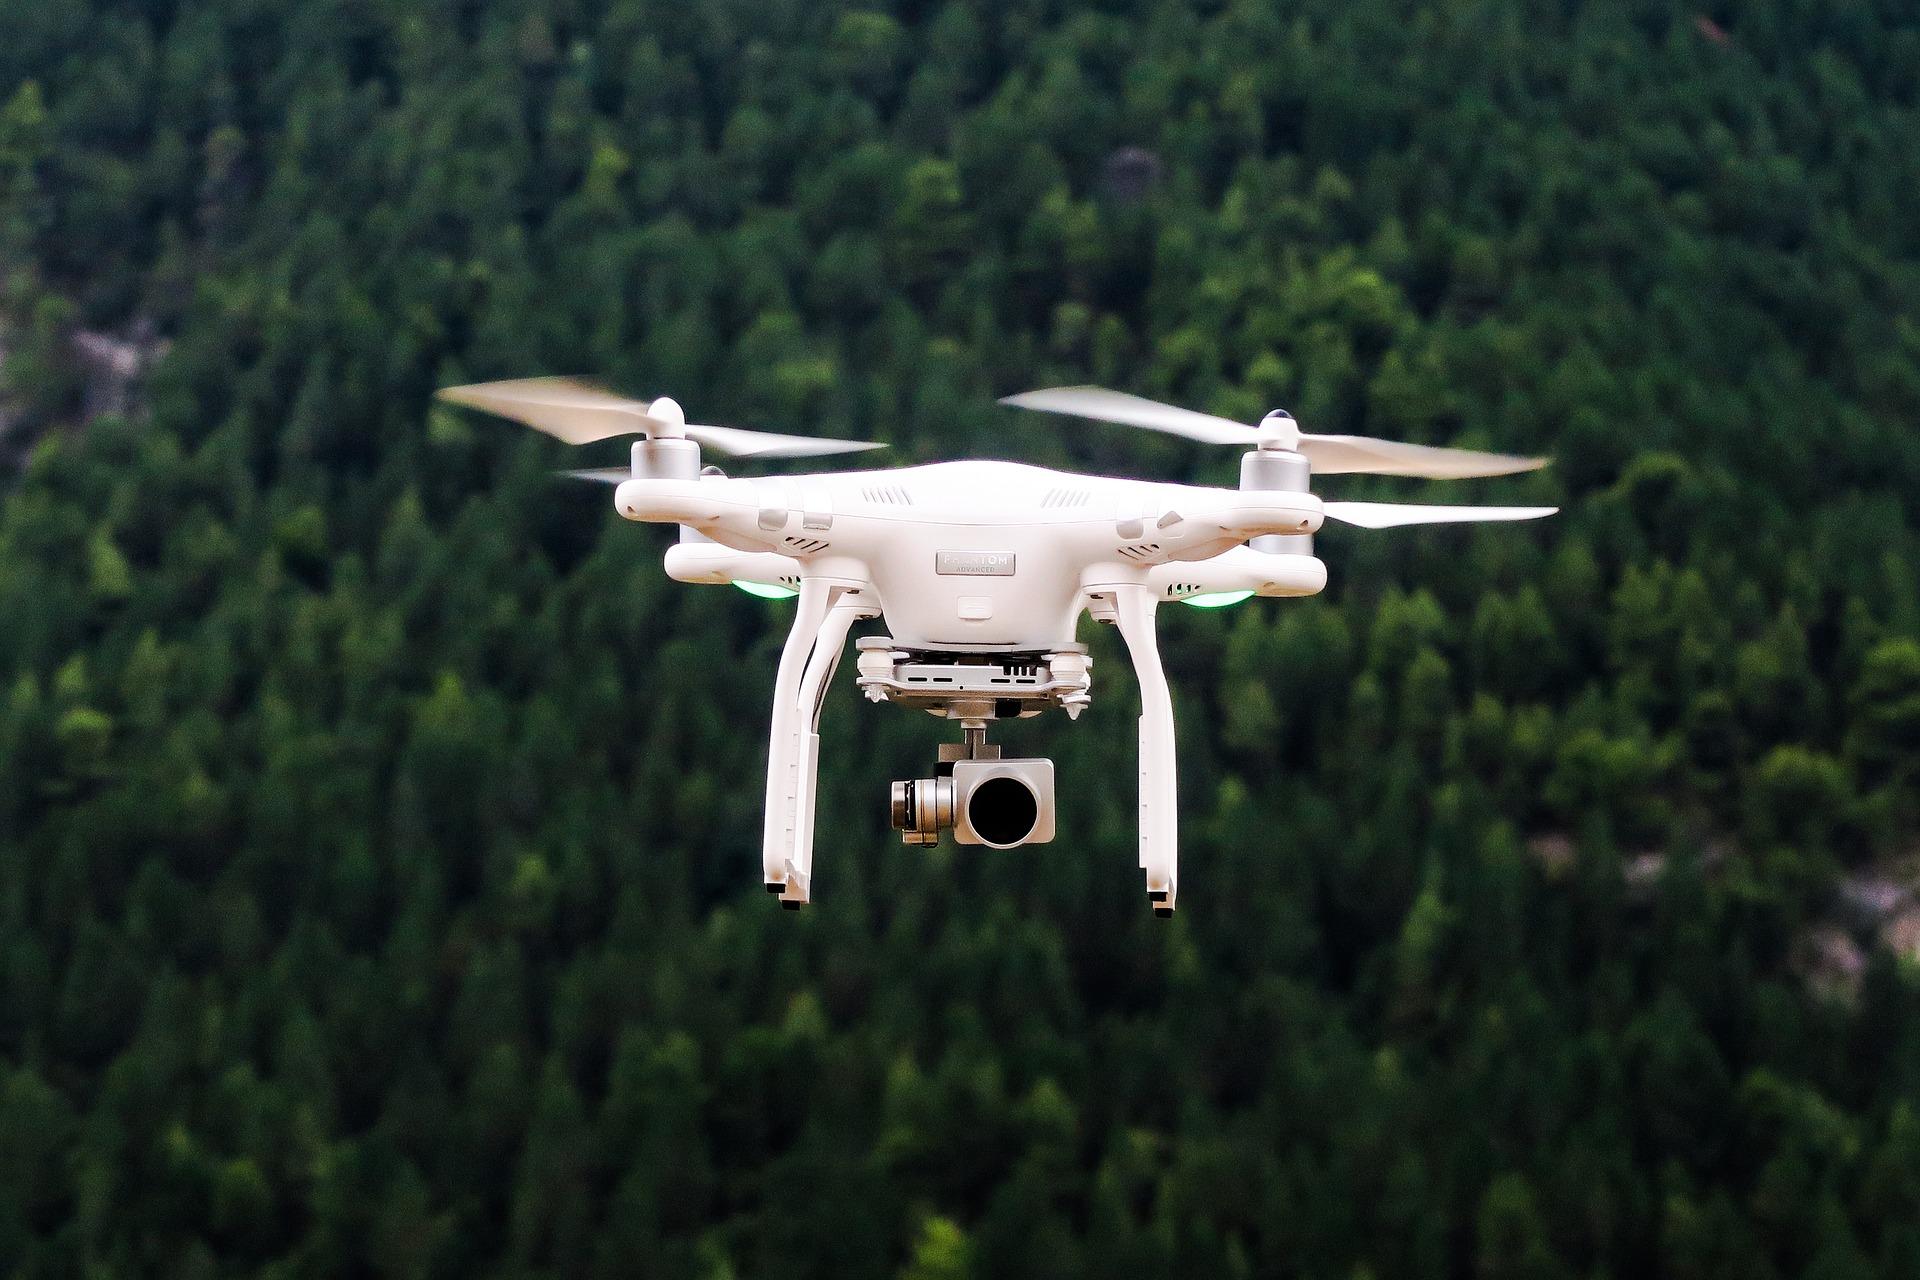 Начато дело об административном правонарушении в связи с полетом дрона вблизи взлетной полосы Лиепайского аэропорта